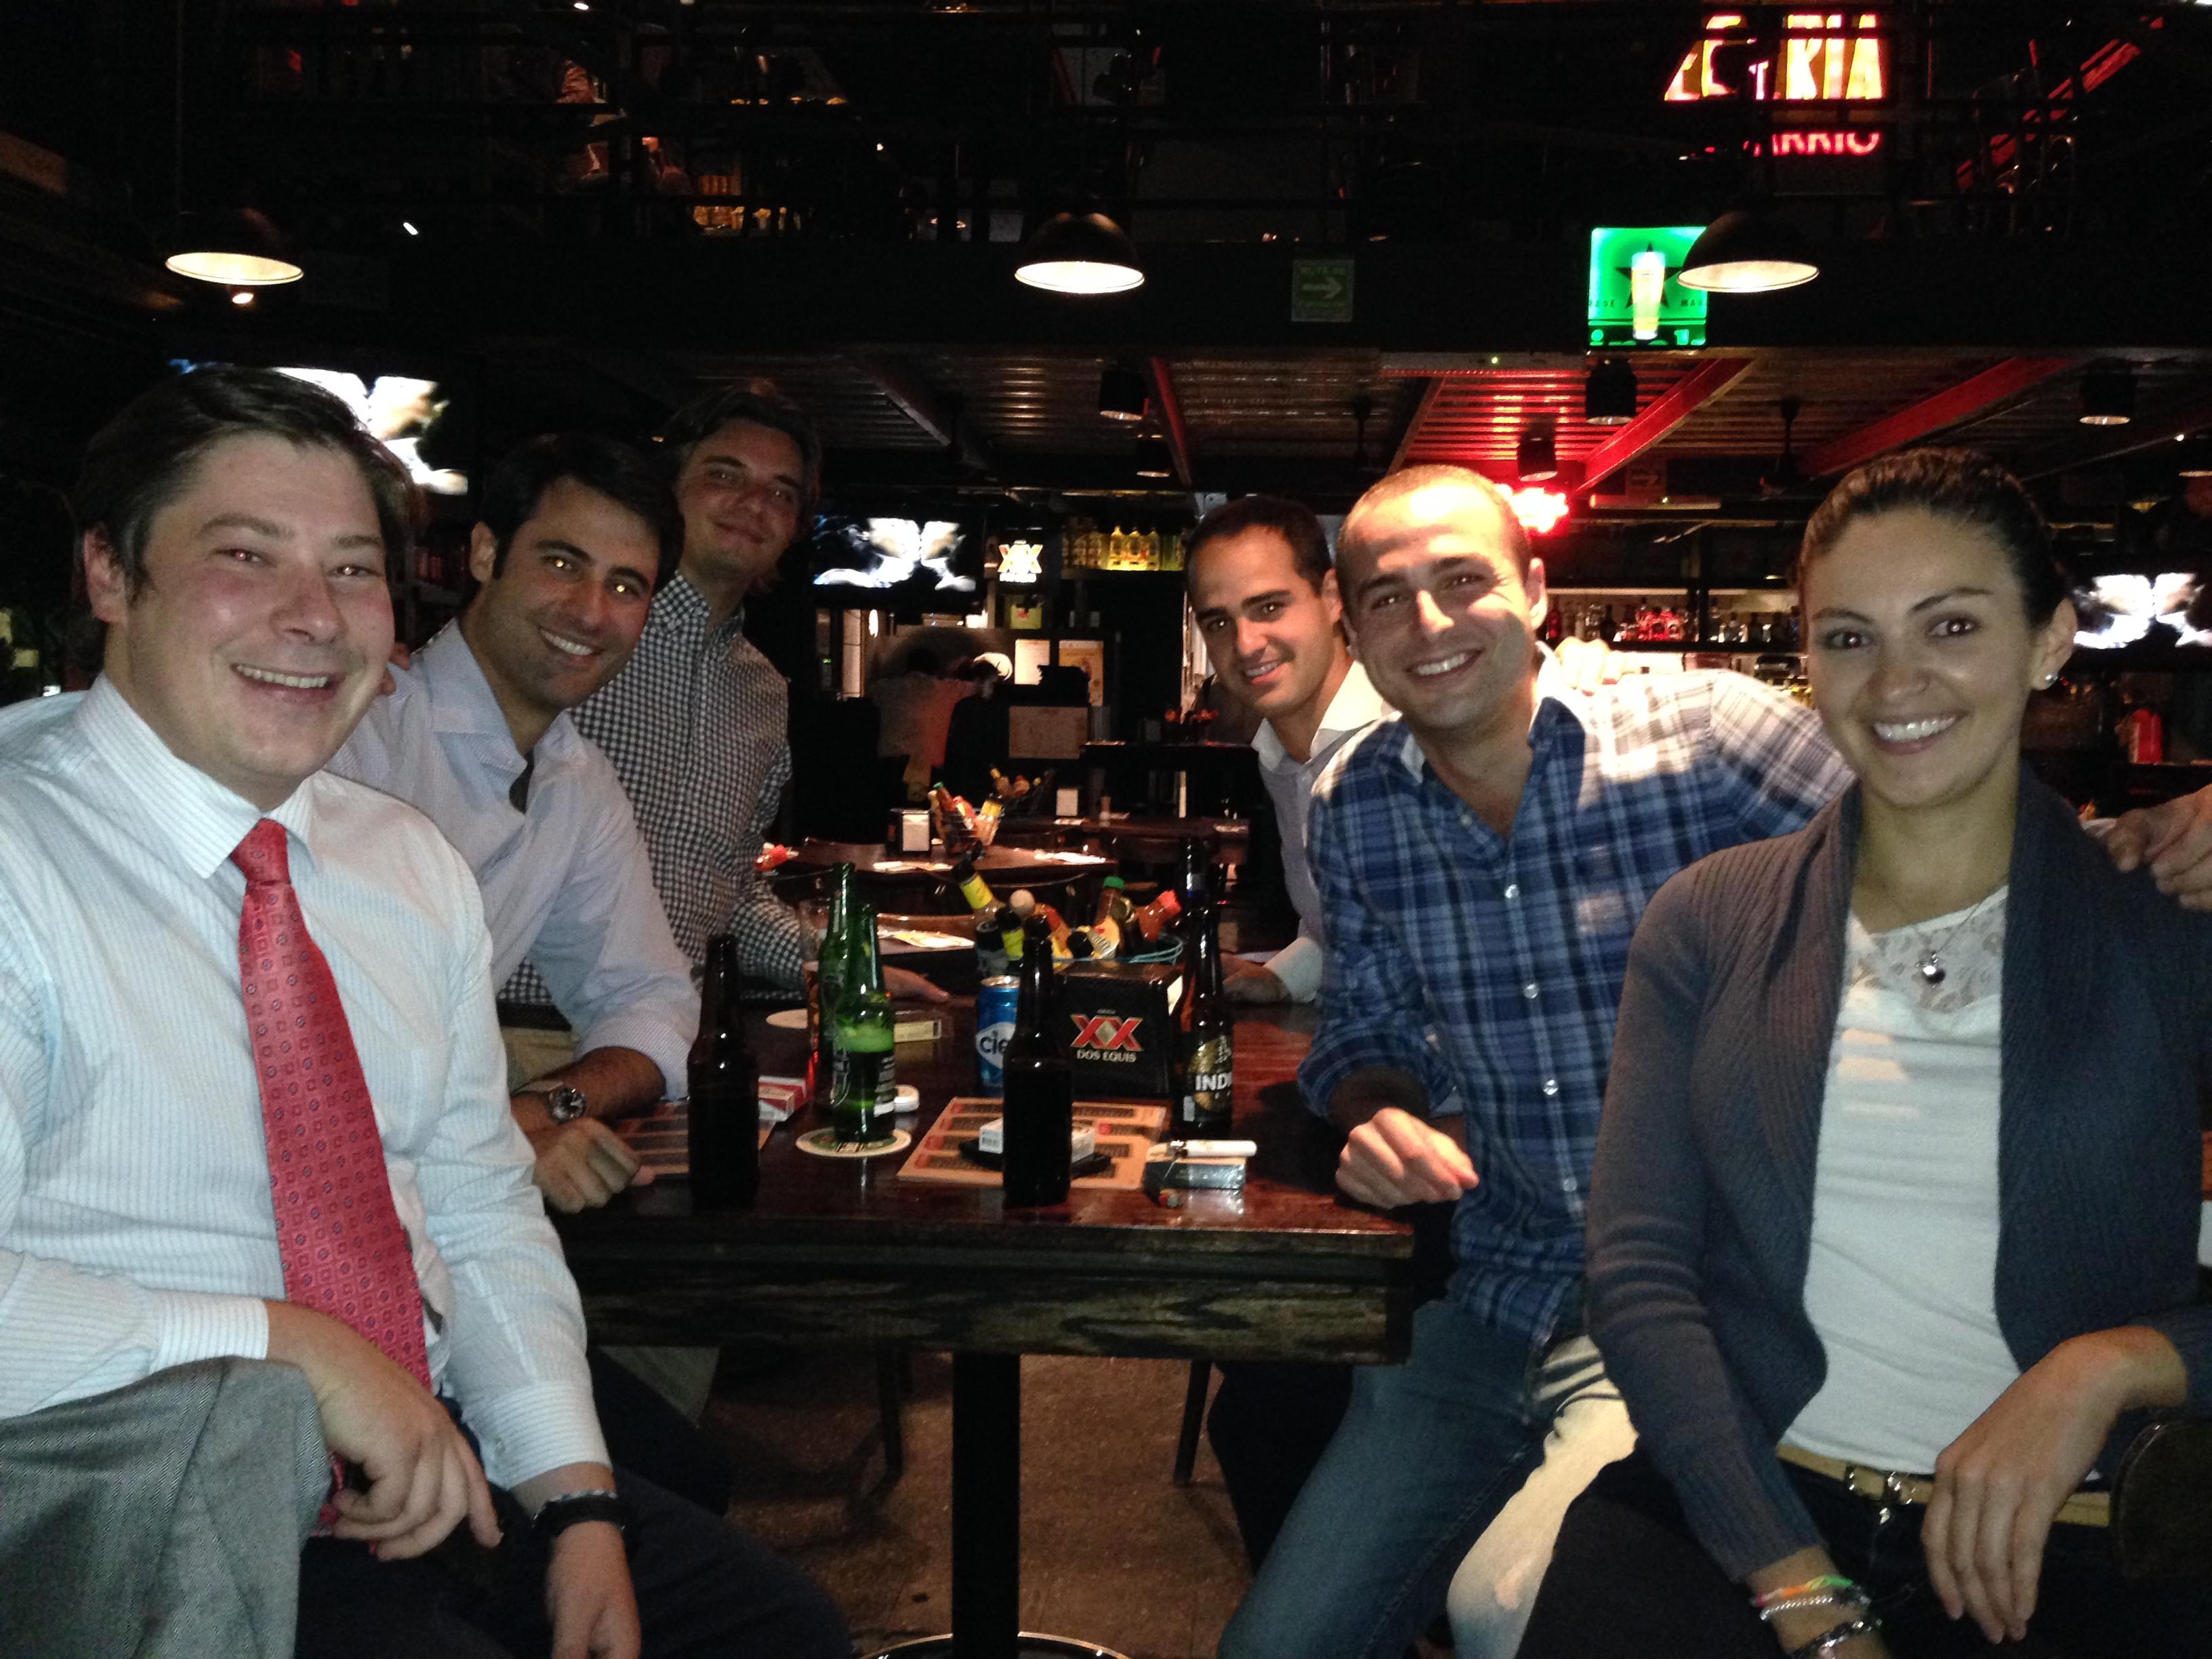 Álvaro, Rebeca, mi Hermano y yo cenando con unos buenos amigos